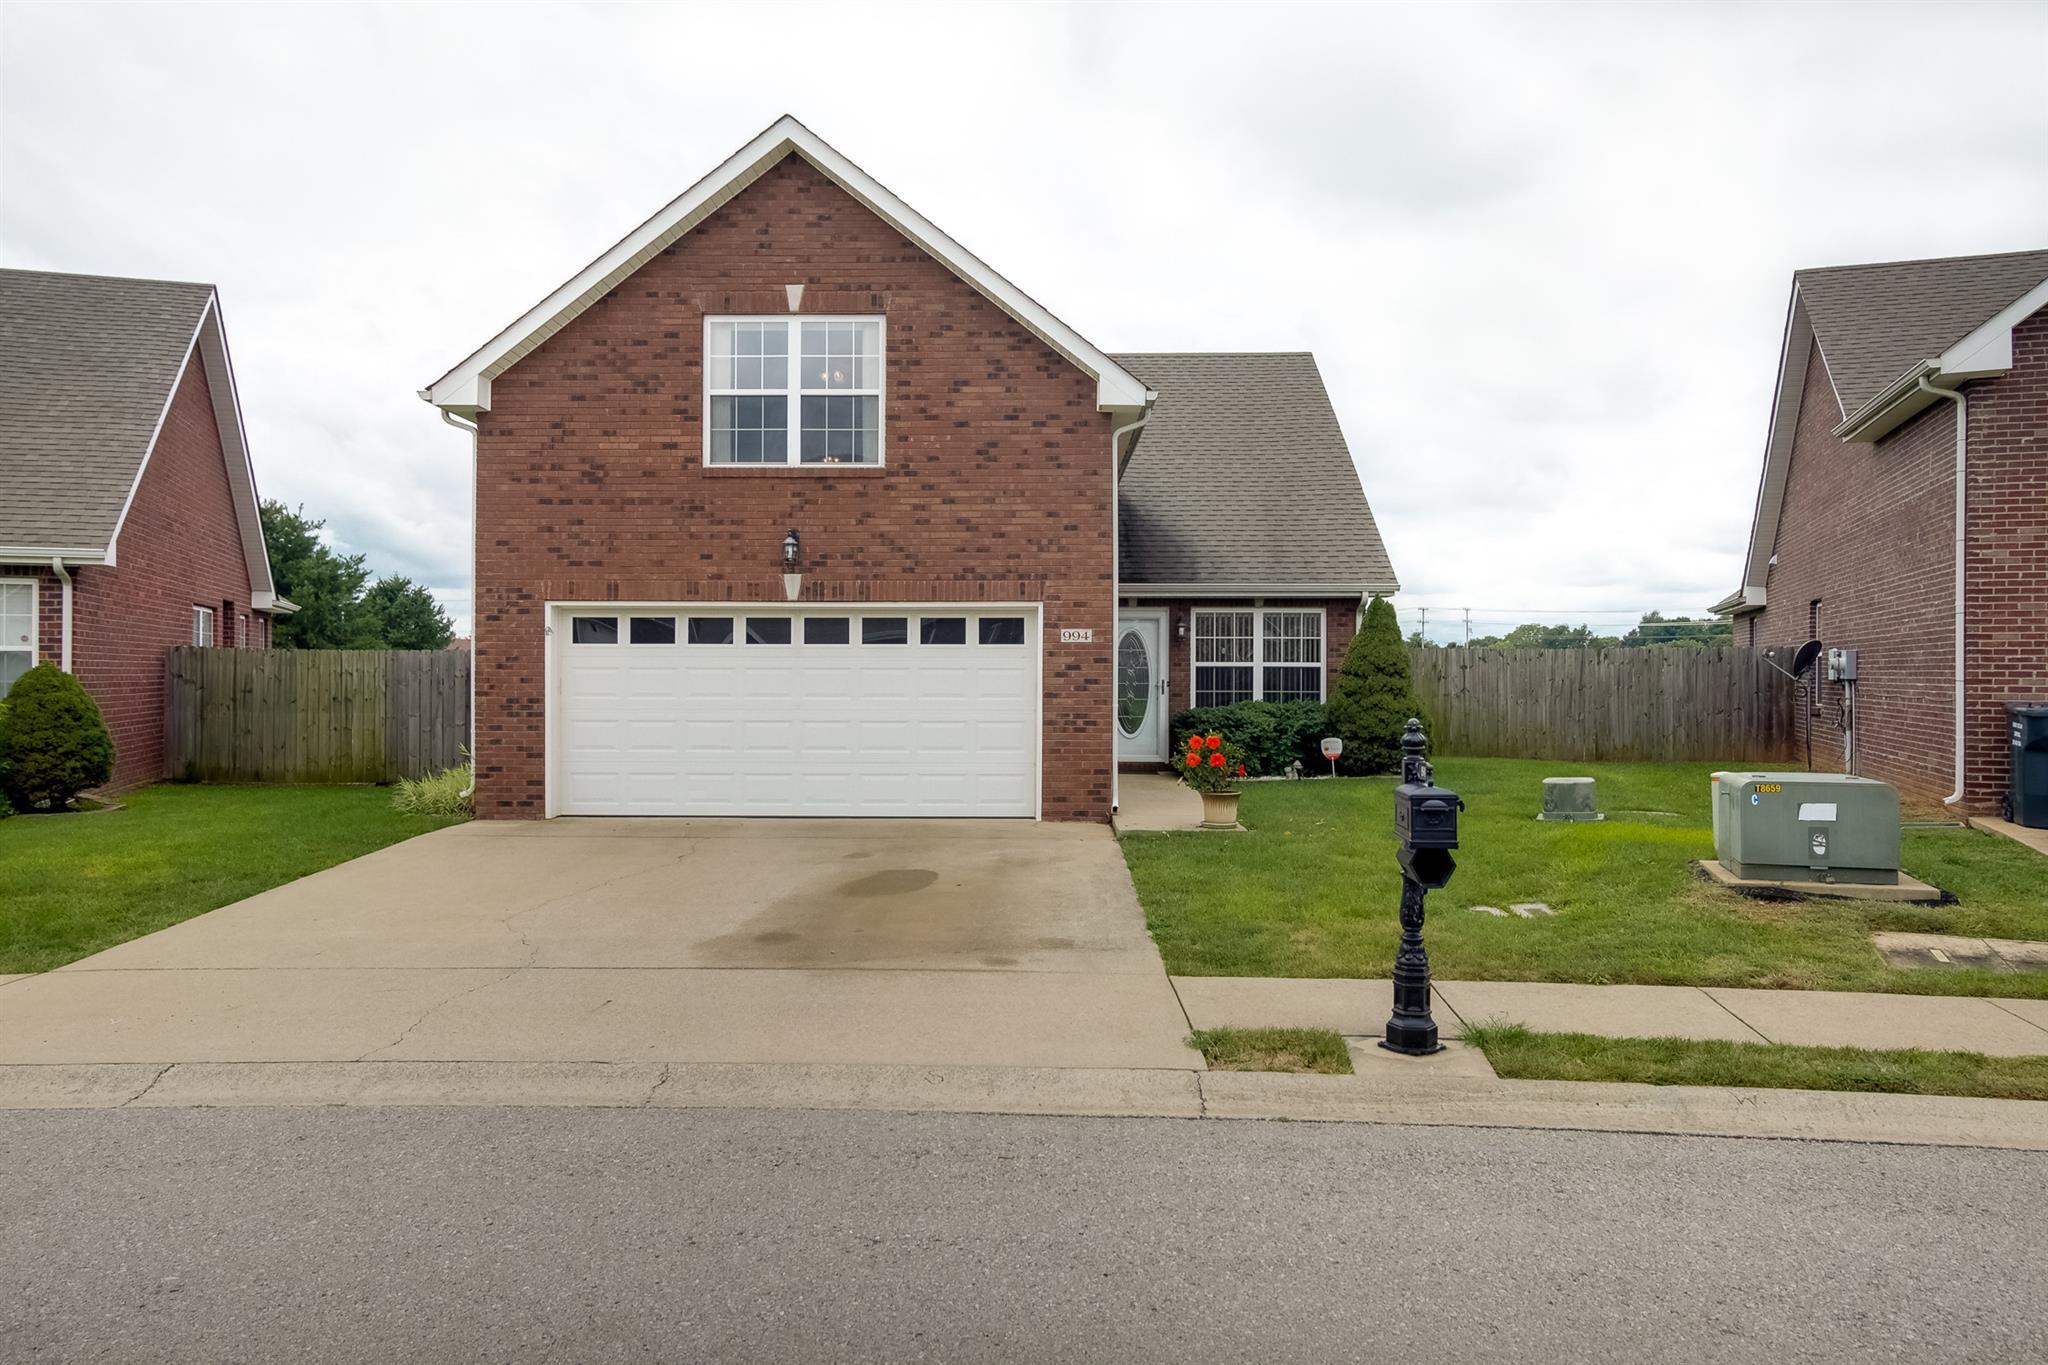 994 Culverson Ct, Clarksville, TN 37040